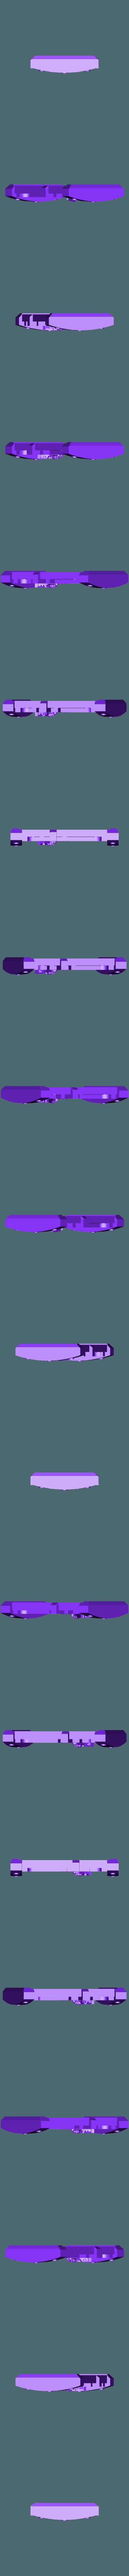 power_shield.stl Télécharger fichier STL gratuit Bouclier de puissance Warhammer • Objet pour imprimante 3D, Lance_Greene